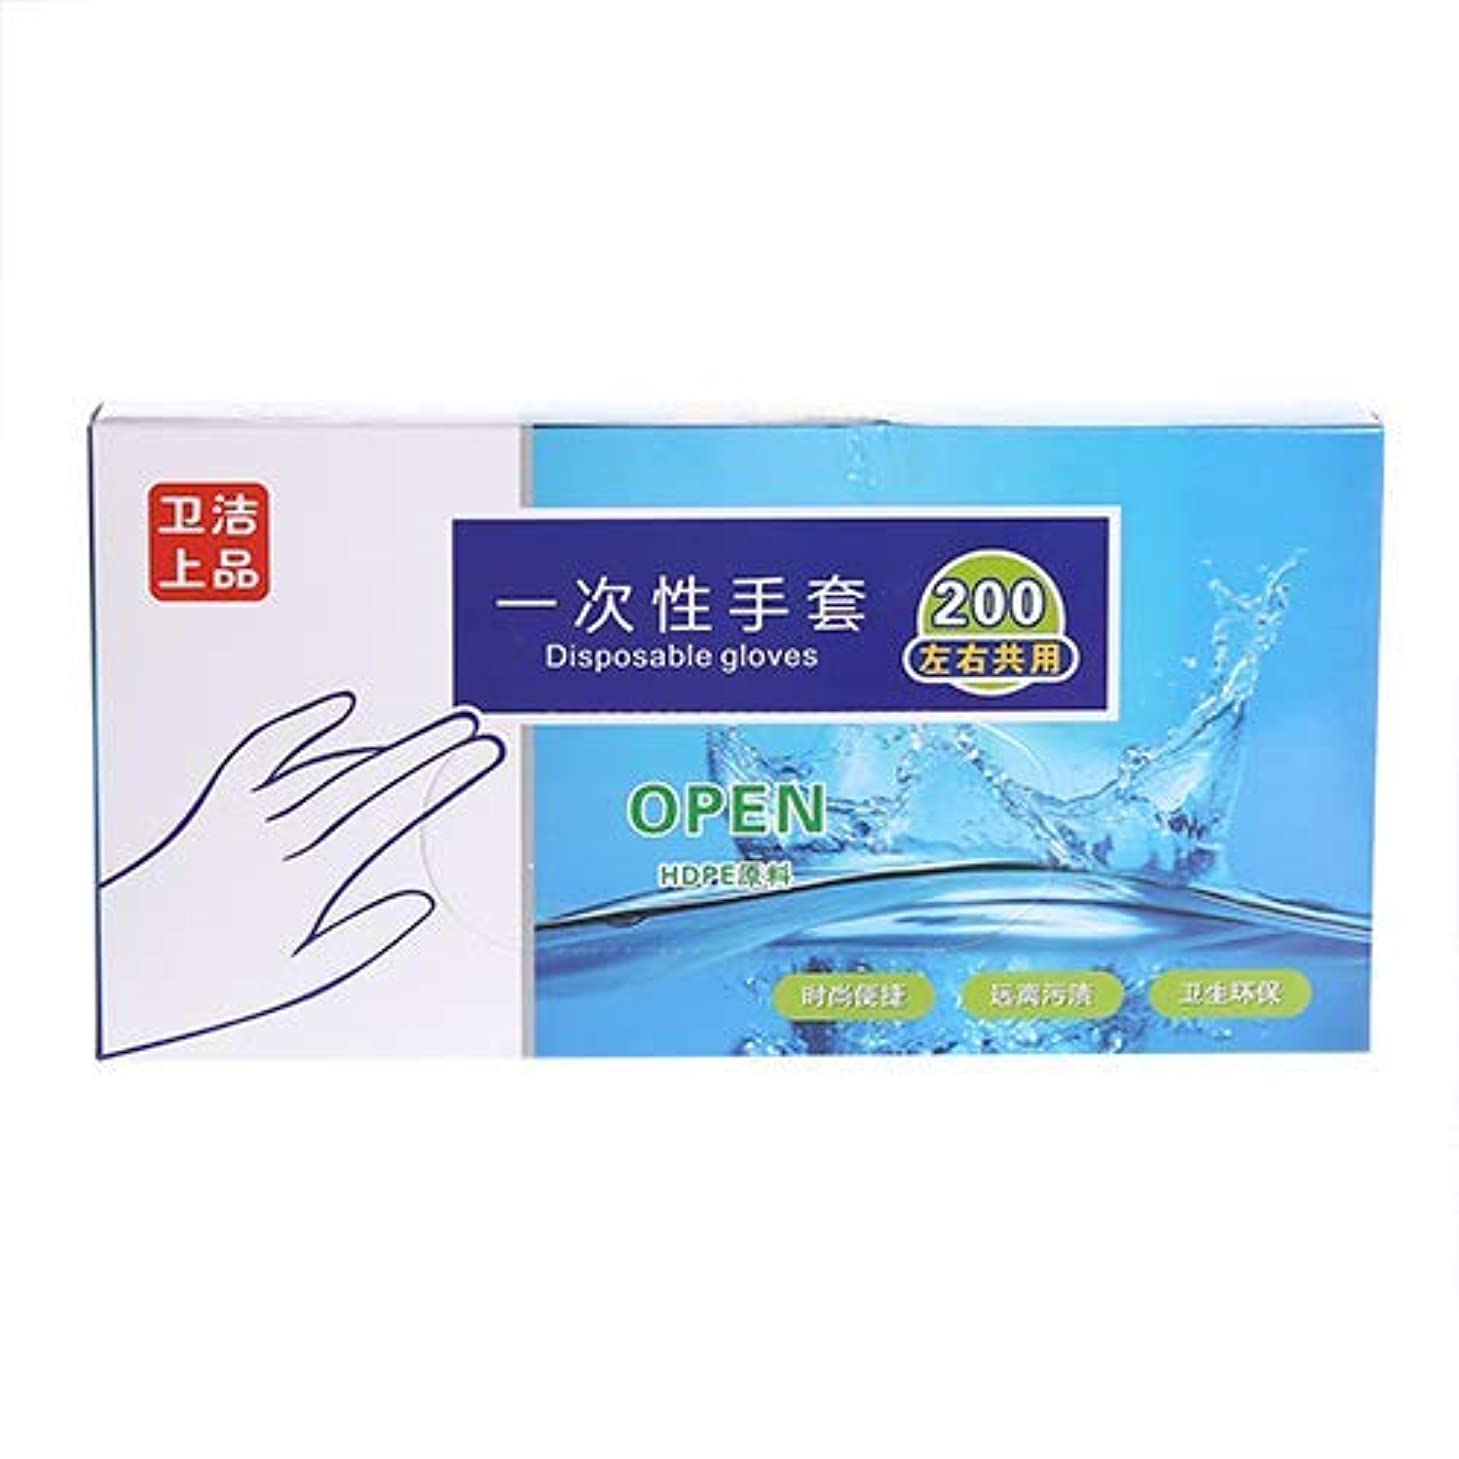 無心コンパイル勧告使い捨て手袋 ニトリルグローブ ホワイト 粉なし 100枚入り /200枚入り